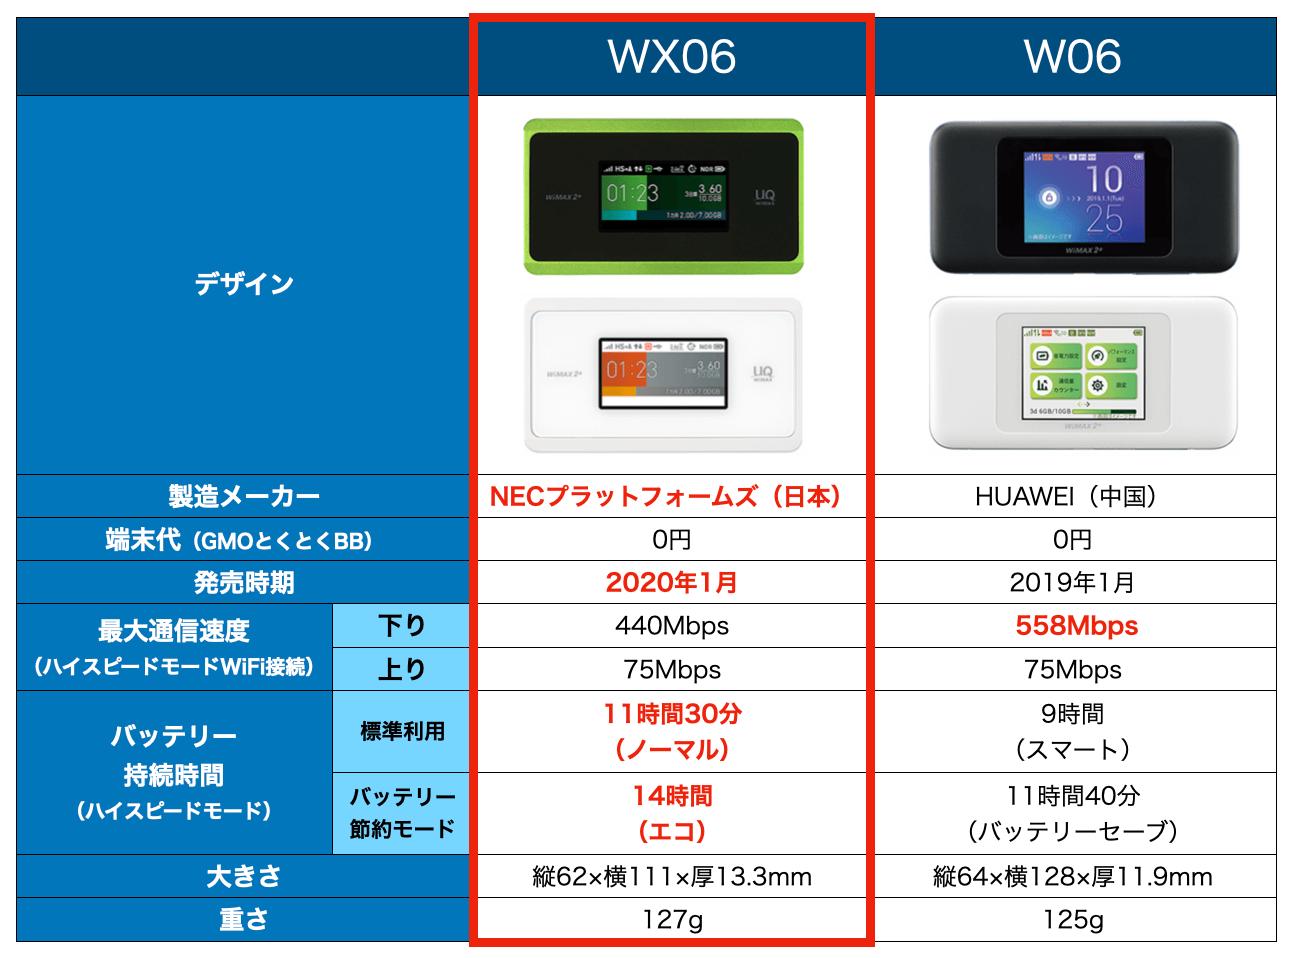 W06とWX06の比較